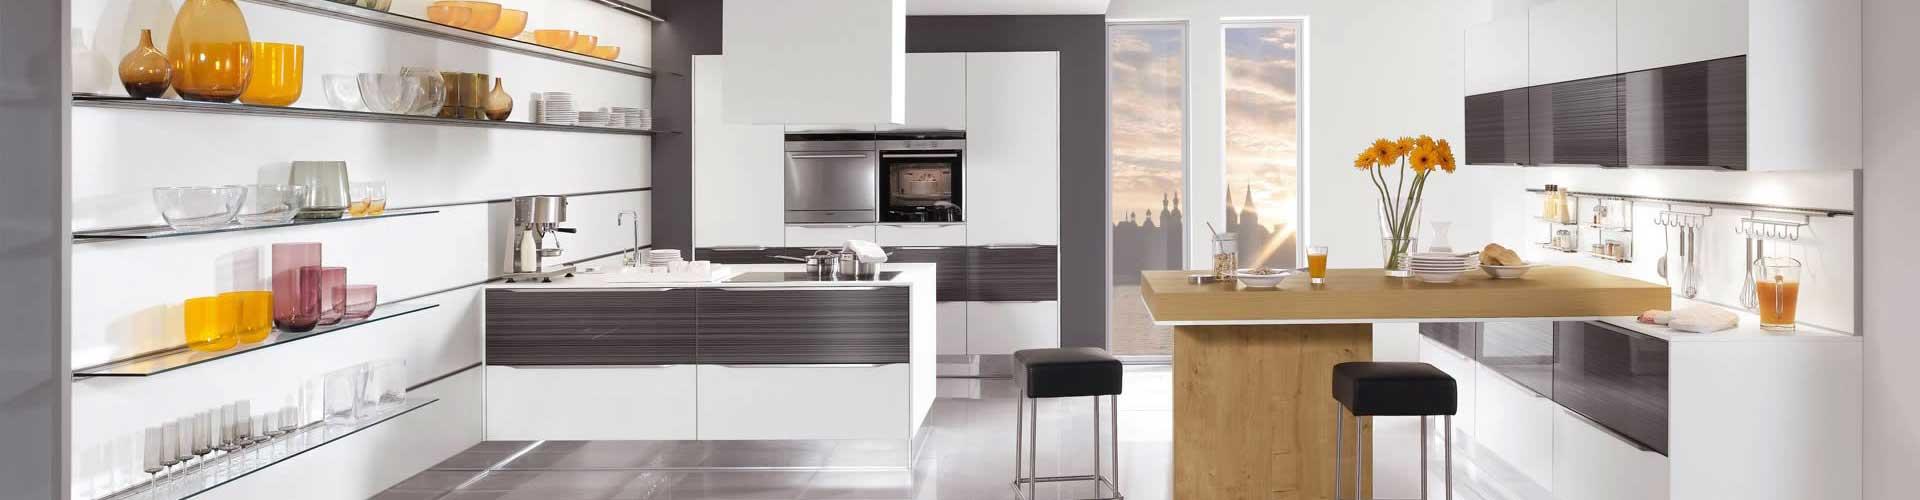 Nobilia Küchen | Reichert Wood